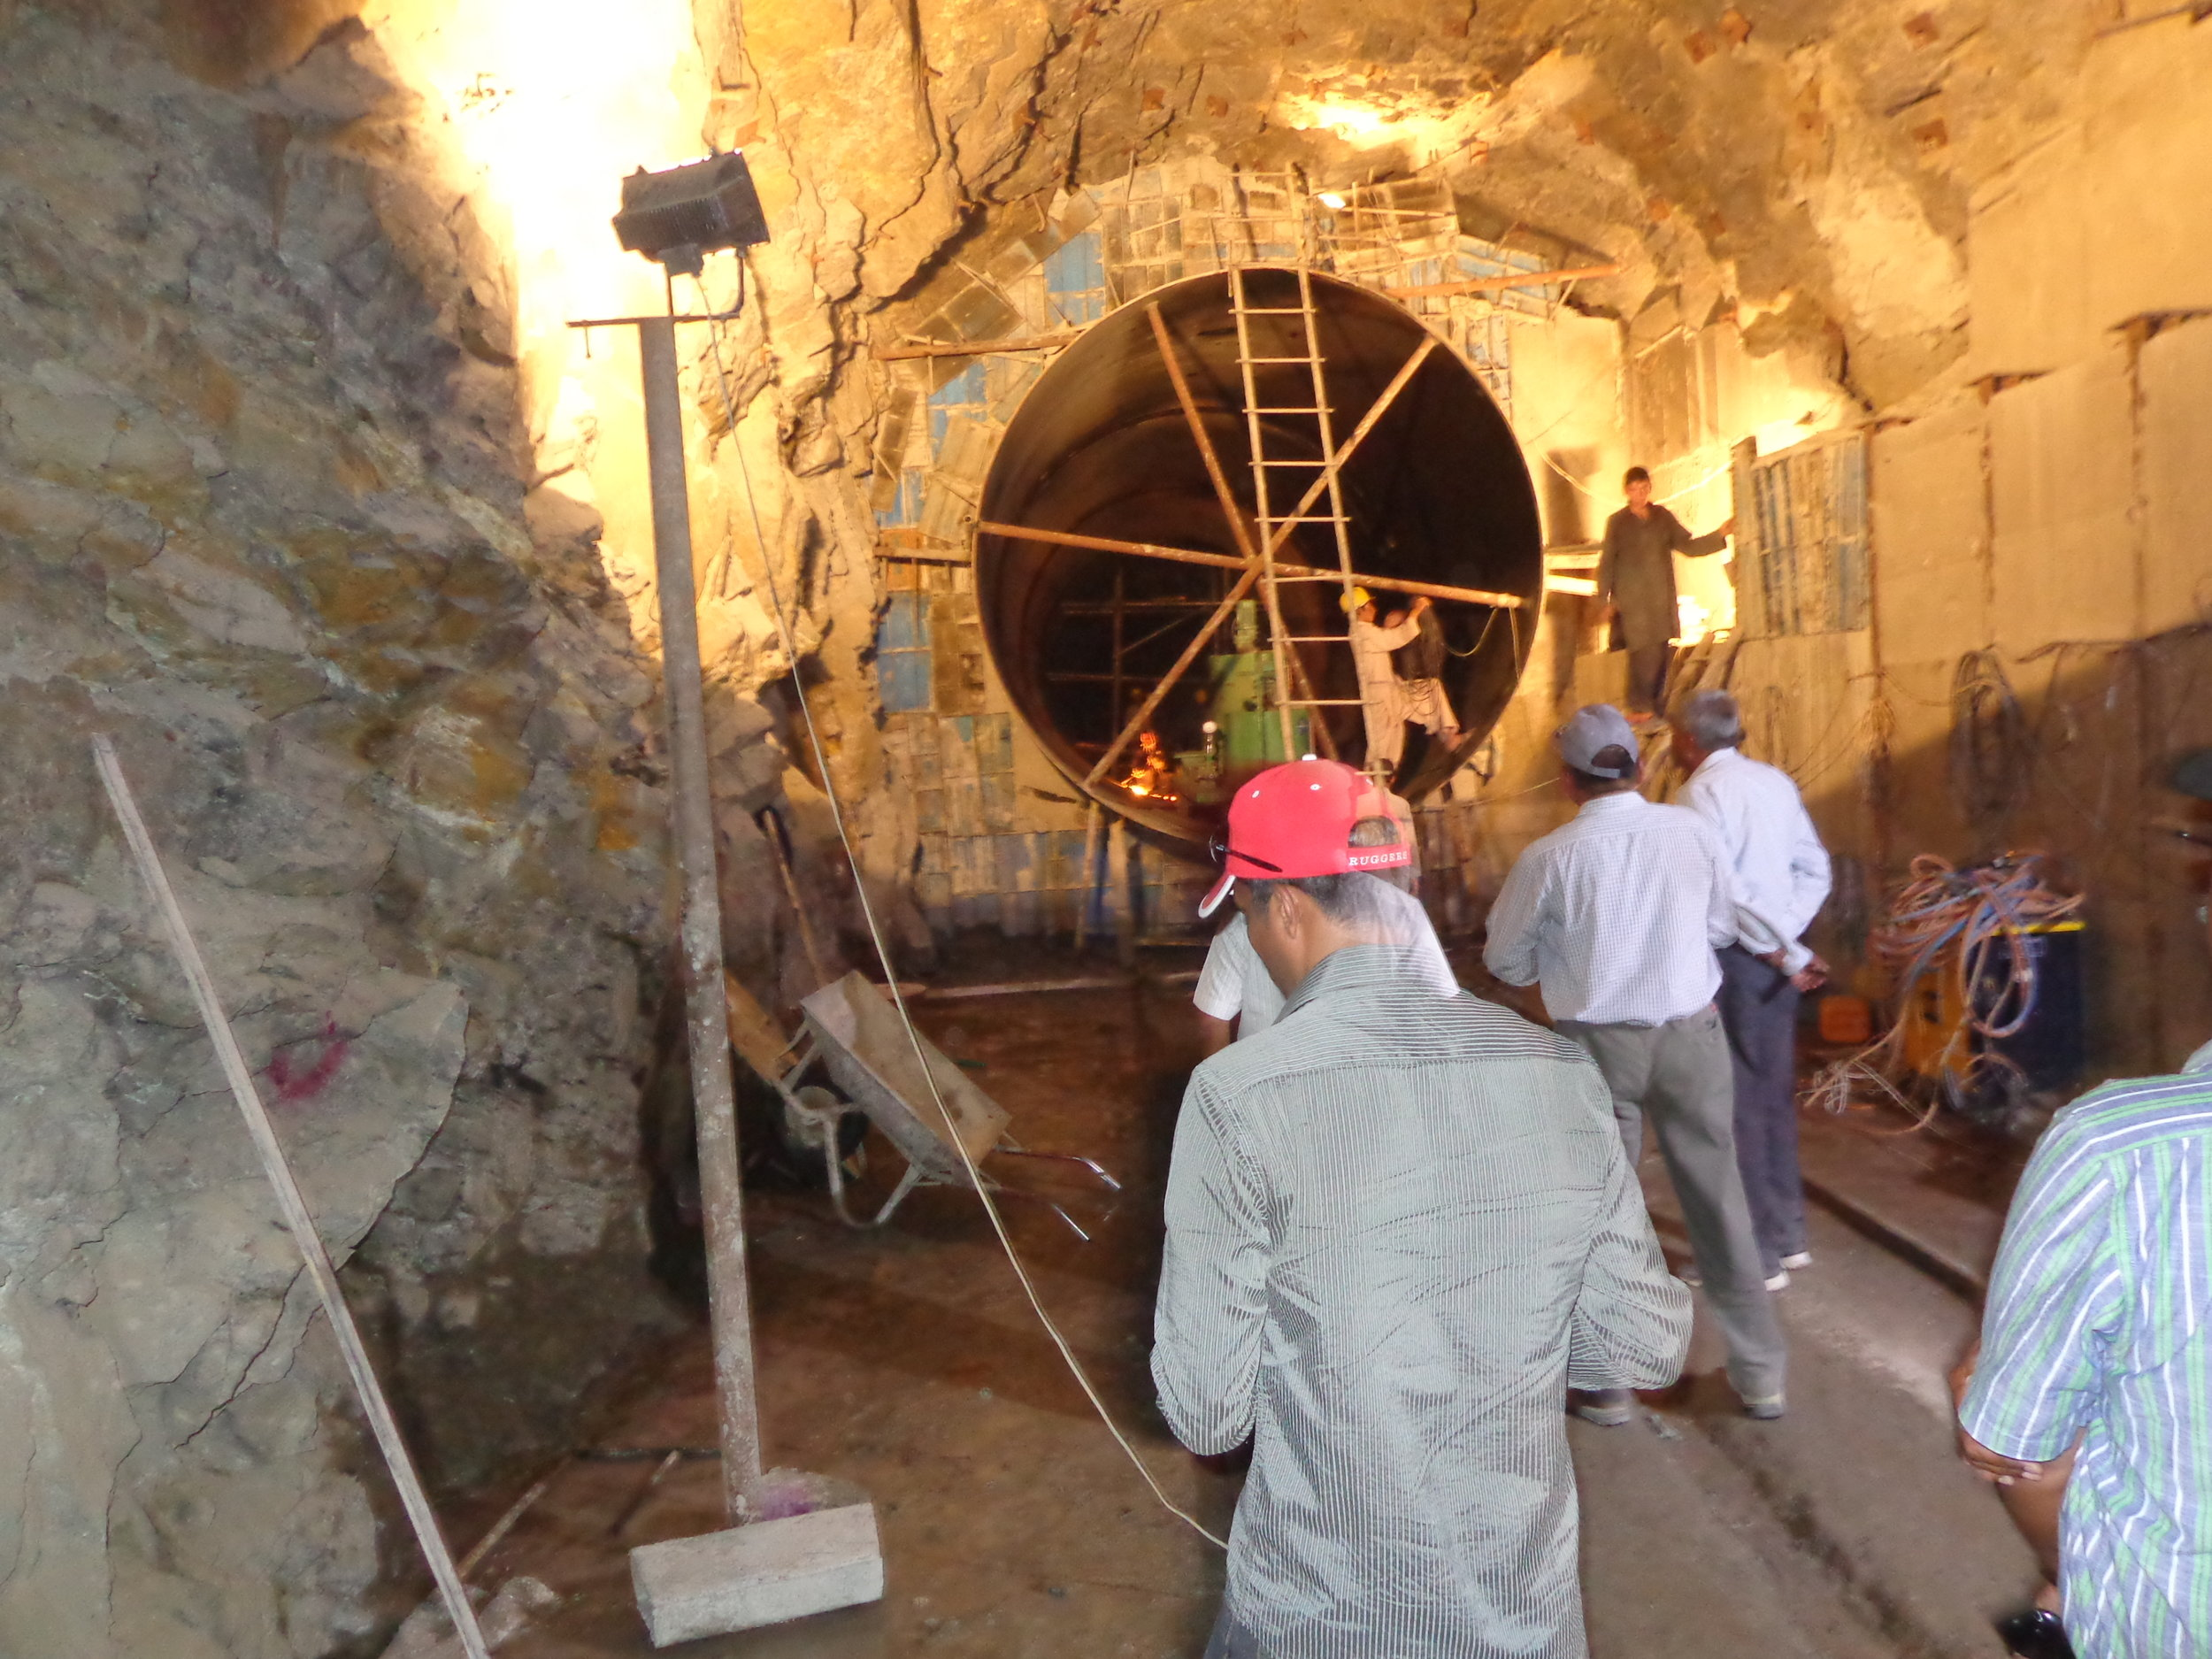 Inside the penstock tunnels